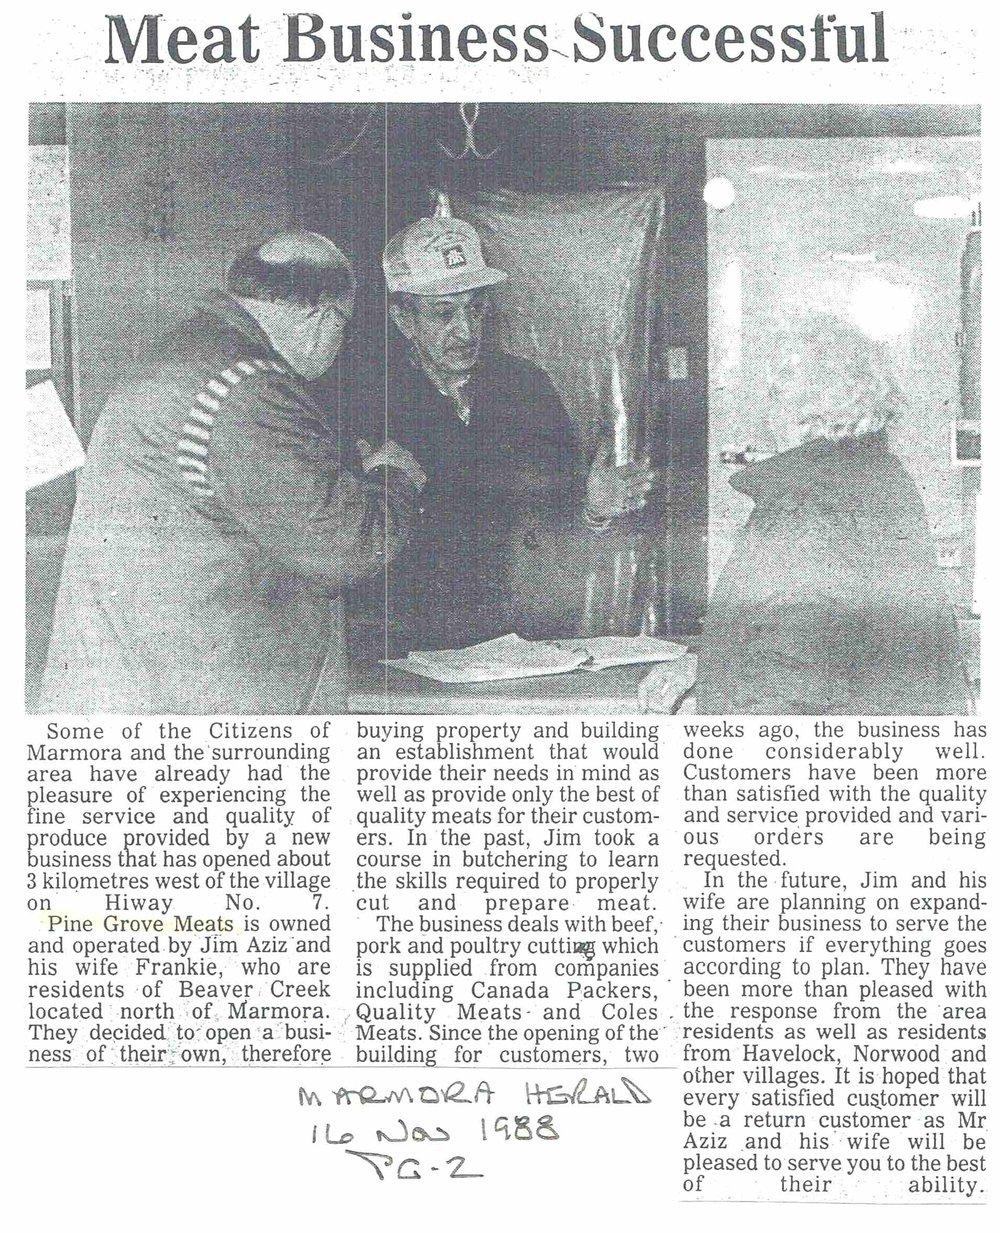 1988 Pine Grove Meats Jim Aziz.JPG